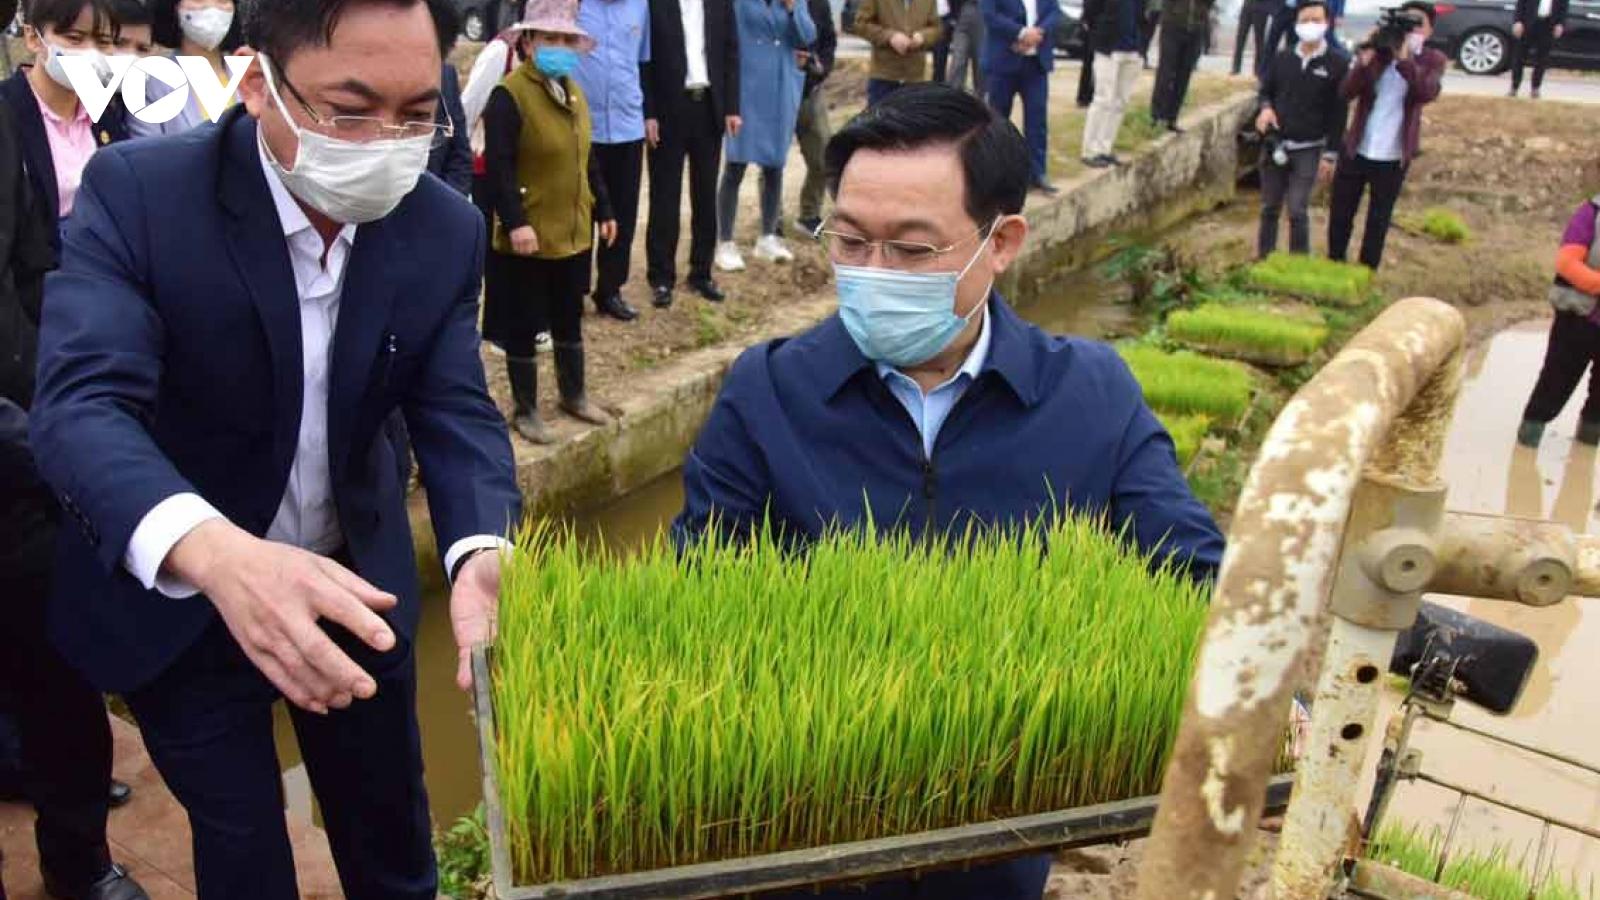 Bí thư Thành ủy Hà Nội Vương Đình Huệ động viên công nhân, nông dân sản xuất đầu xuân